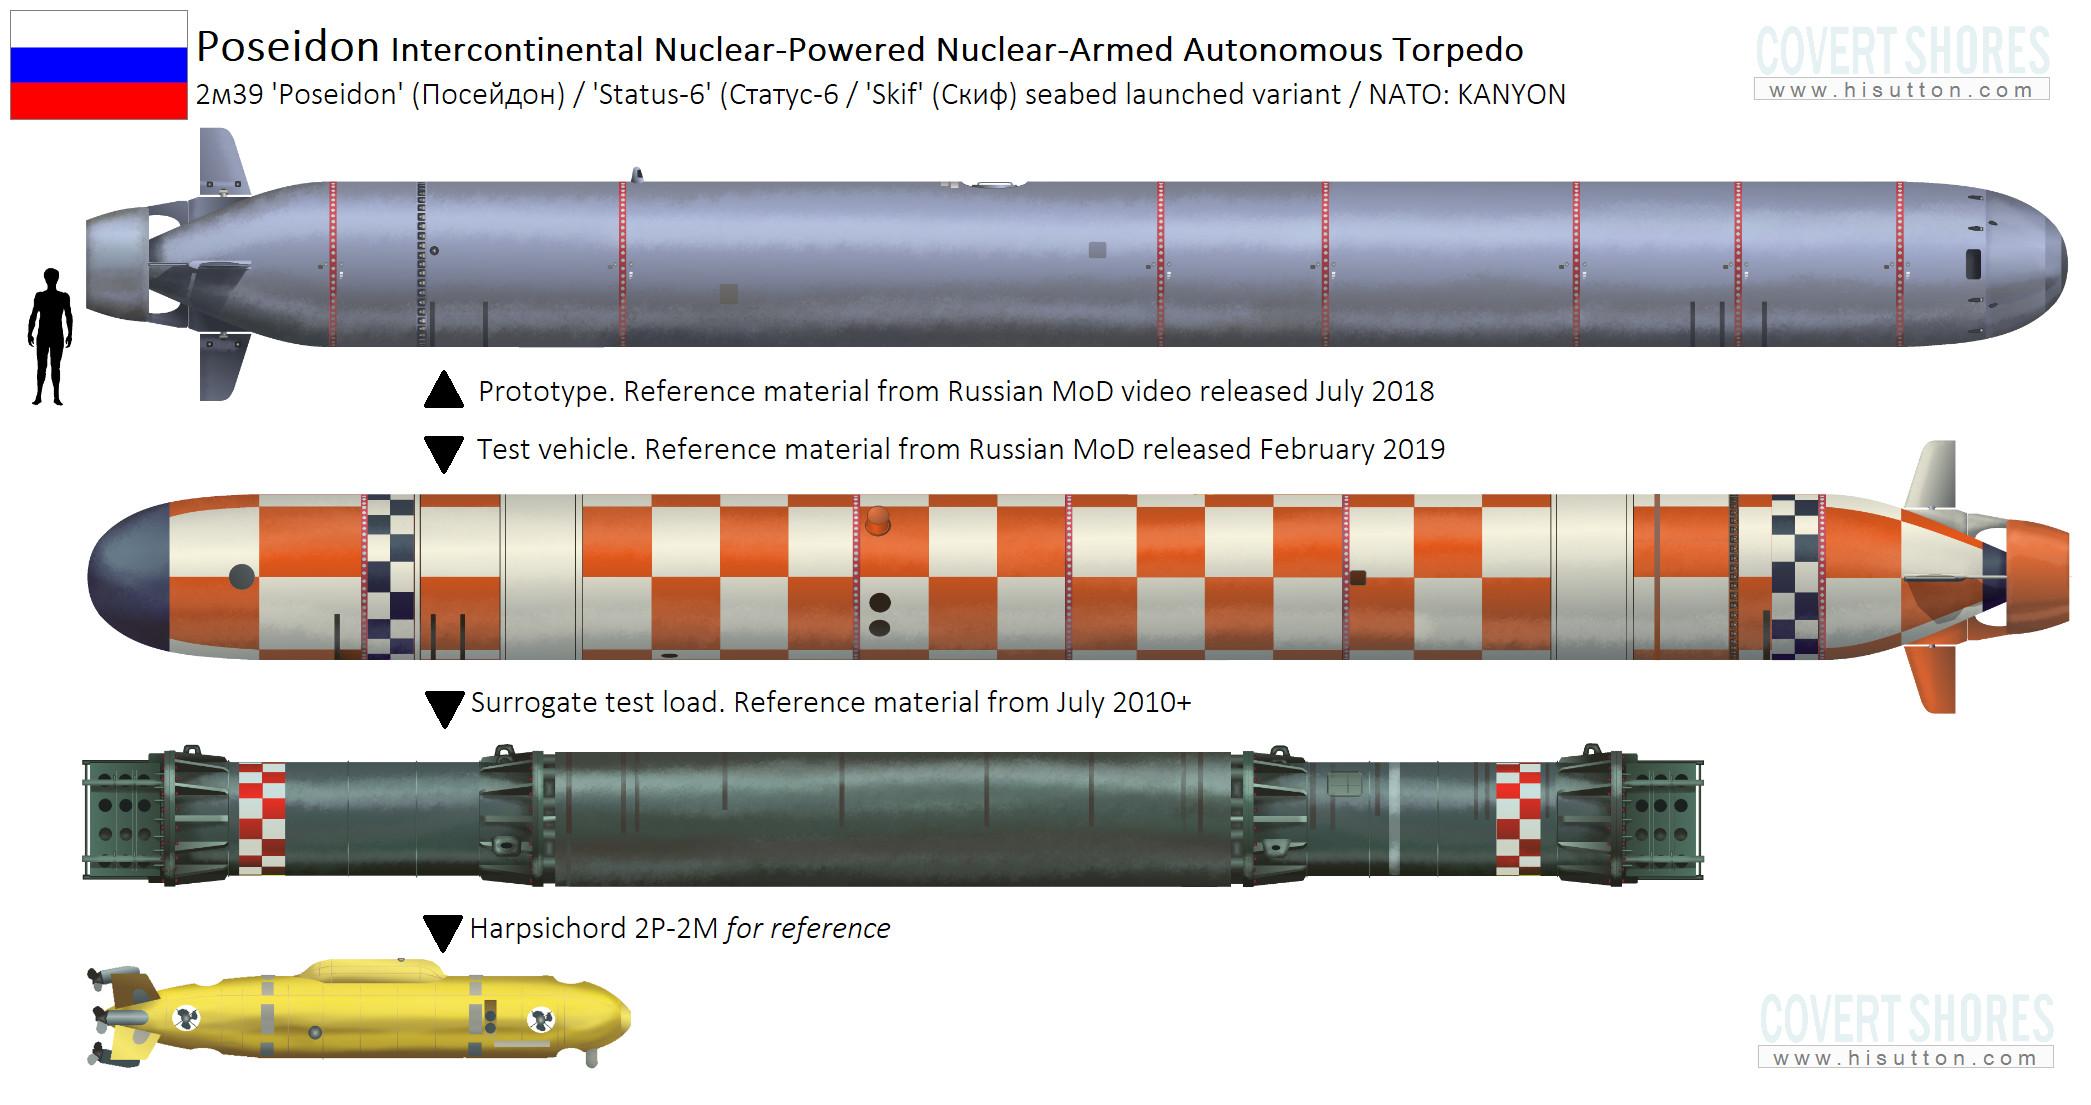 """Самоходный подводный аппарат 2М39 """"Посейдон"""" (действующий макет и аппарат для полигонных испытаний), массо-габаритный макет аппарата и НПА """"Клавесин-2П-2М"""" (http://hisutton.com)."""